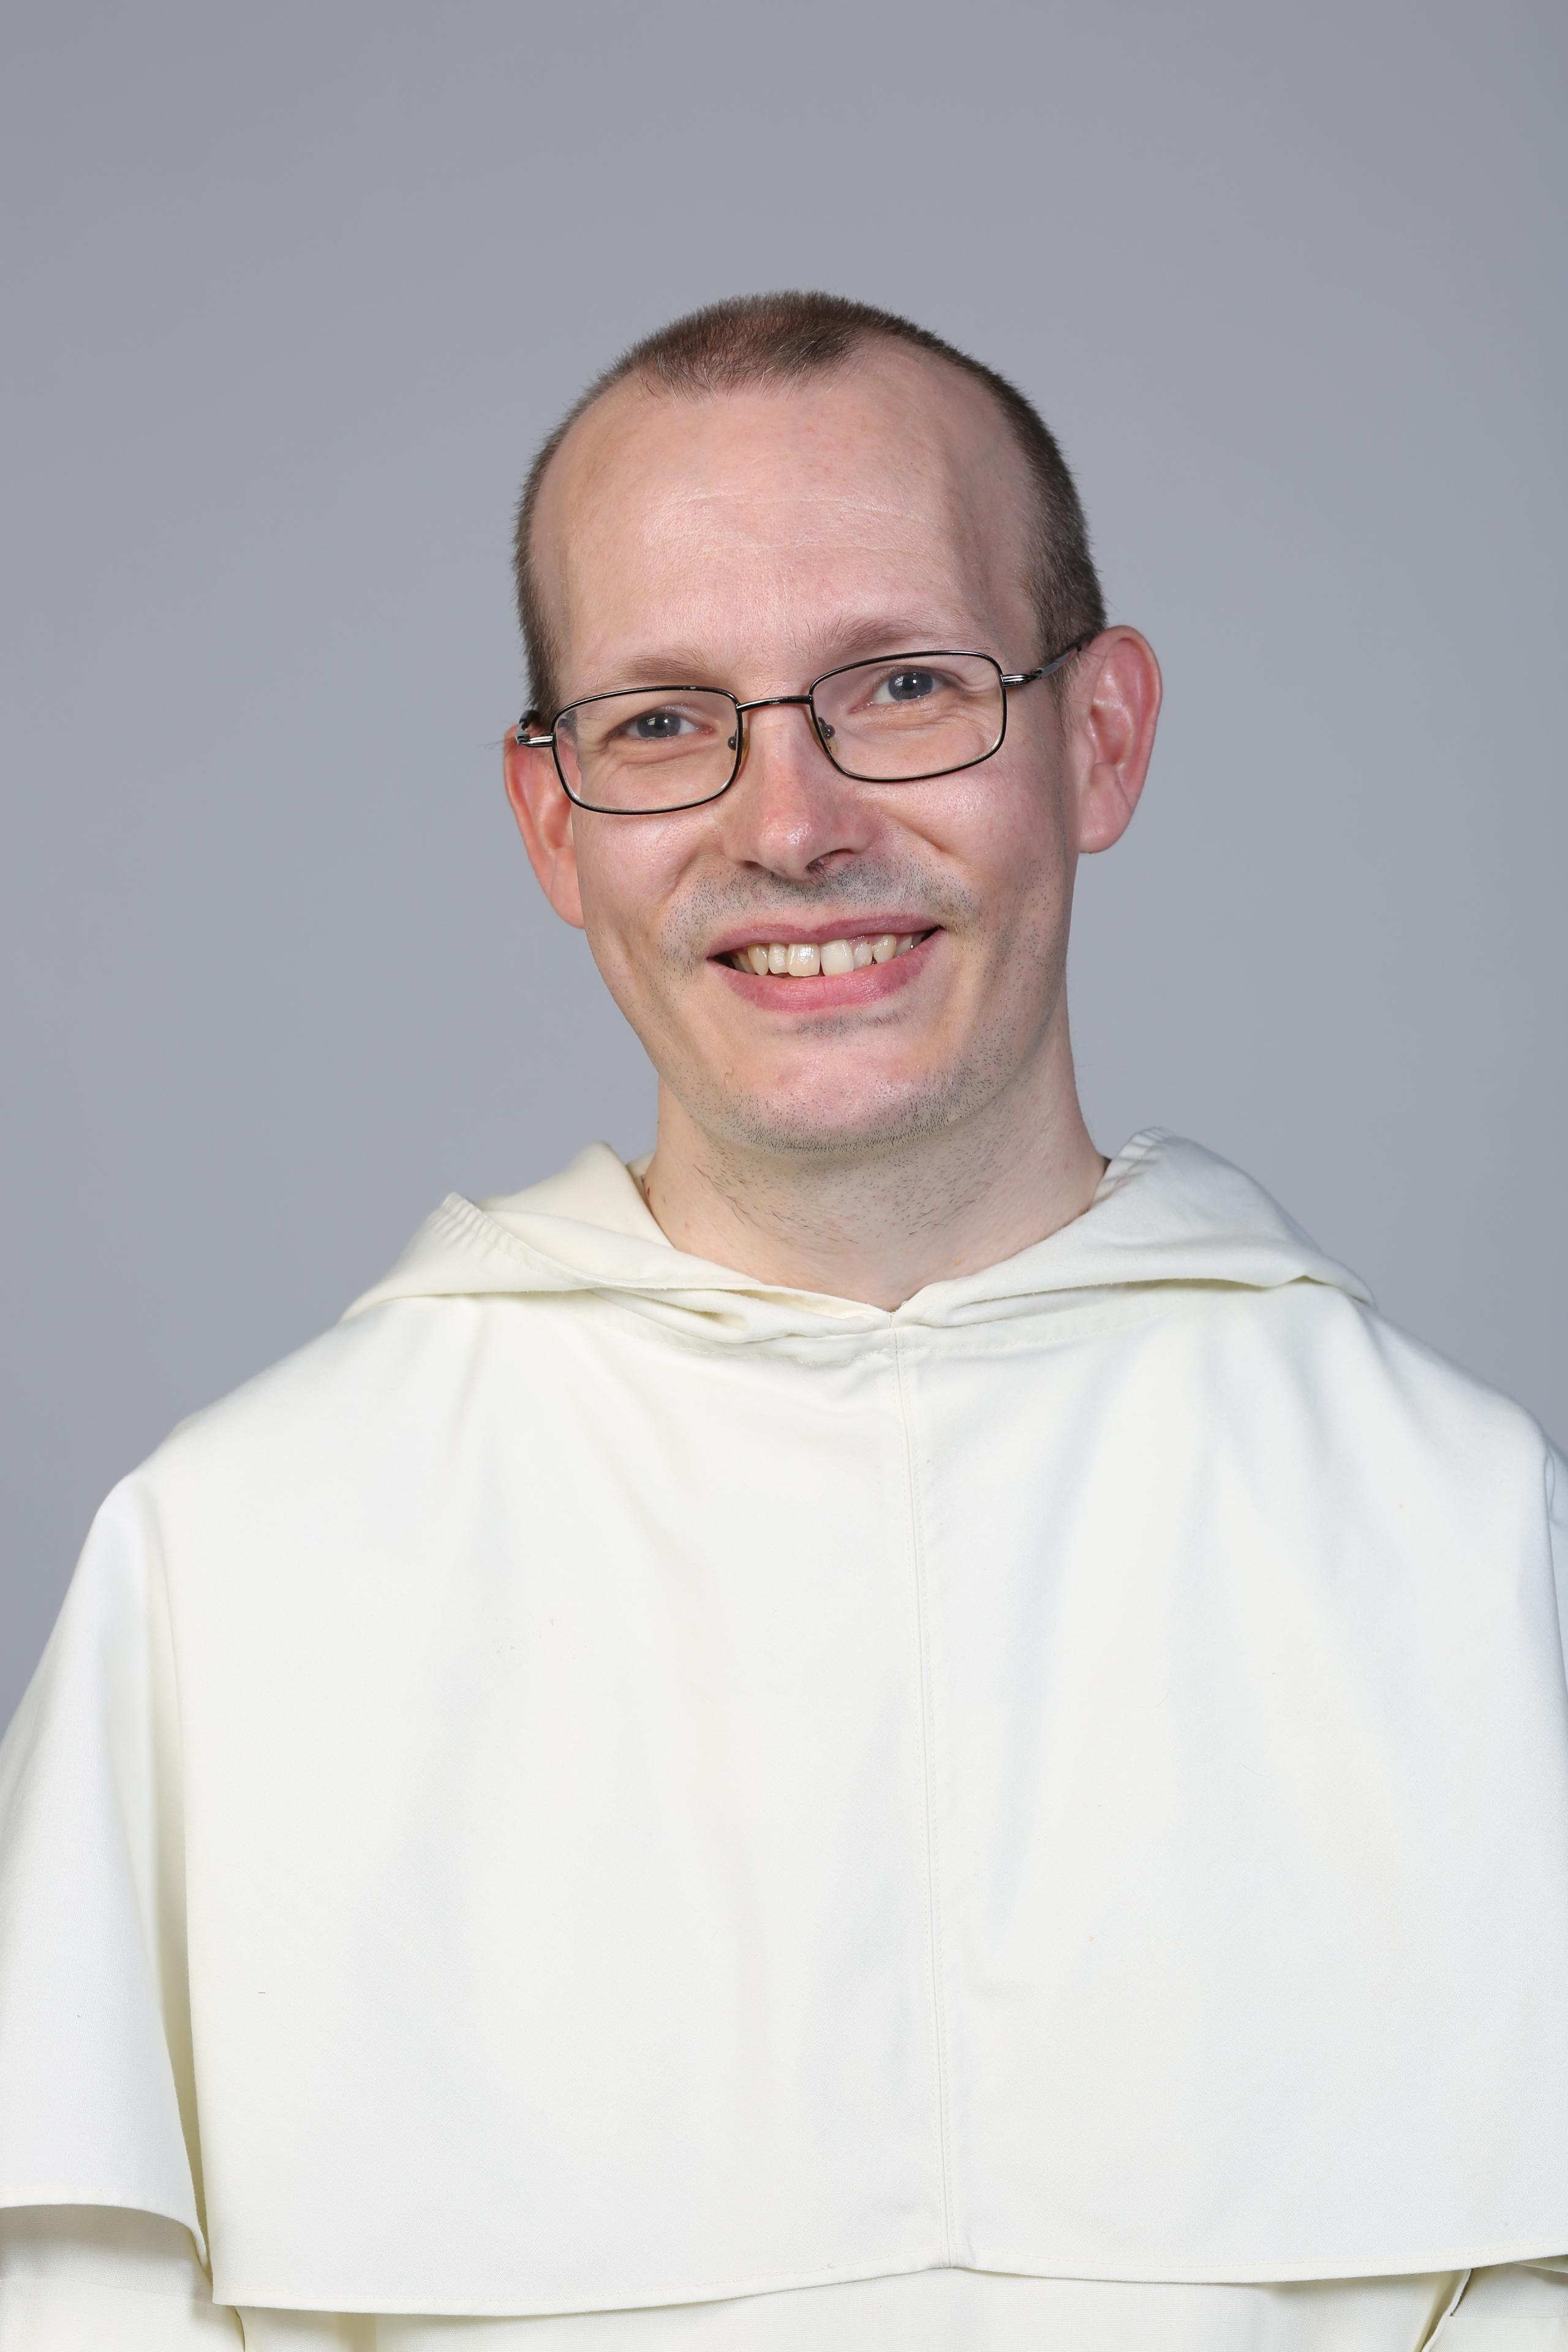 Fr. Robert Verrill